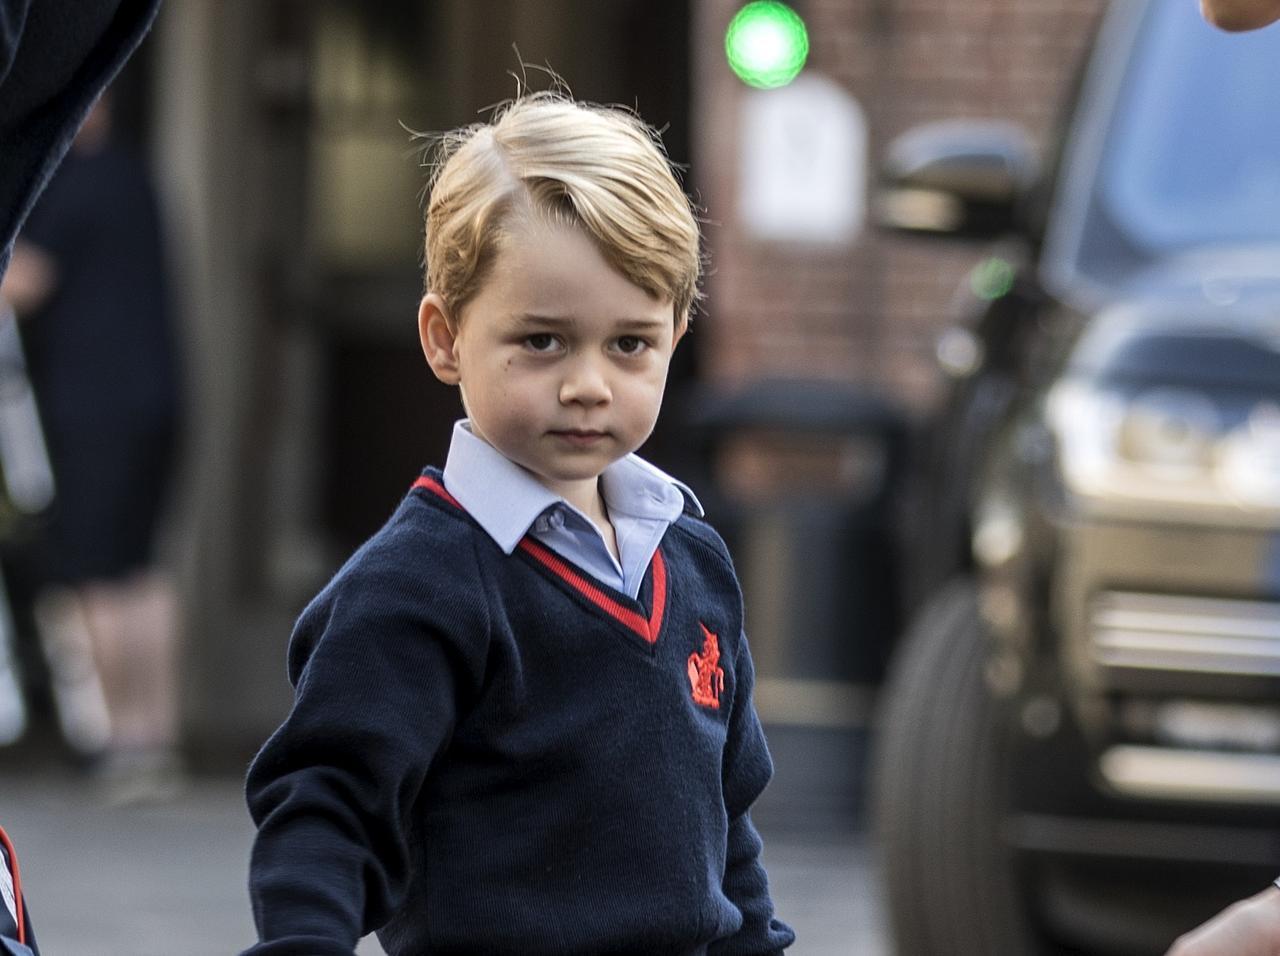 画像1: ジョージ王子、「王子らしくない」優しさで周囲を感動させる